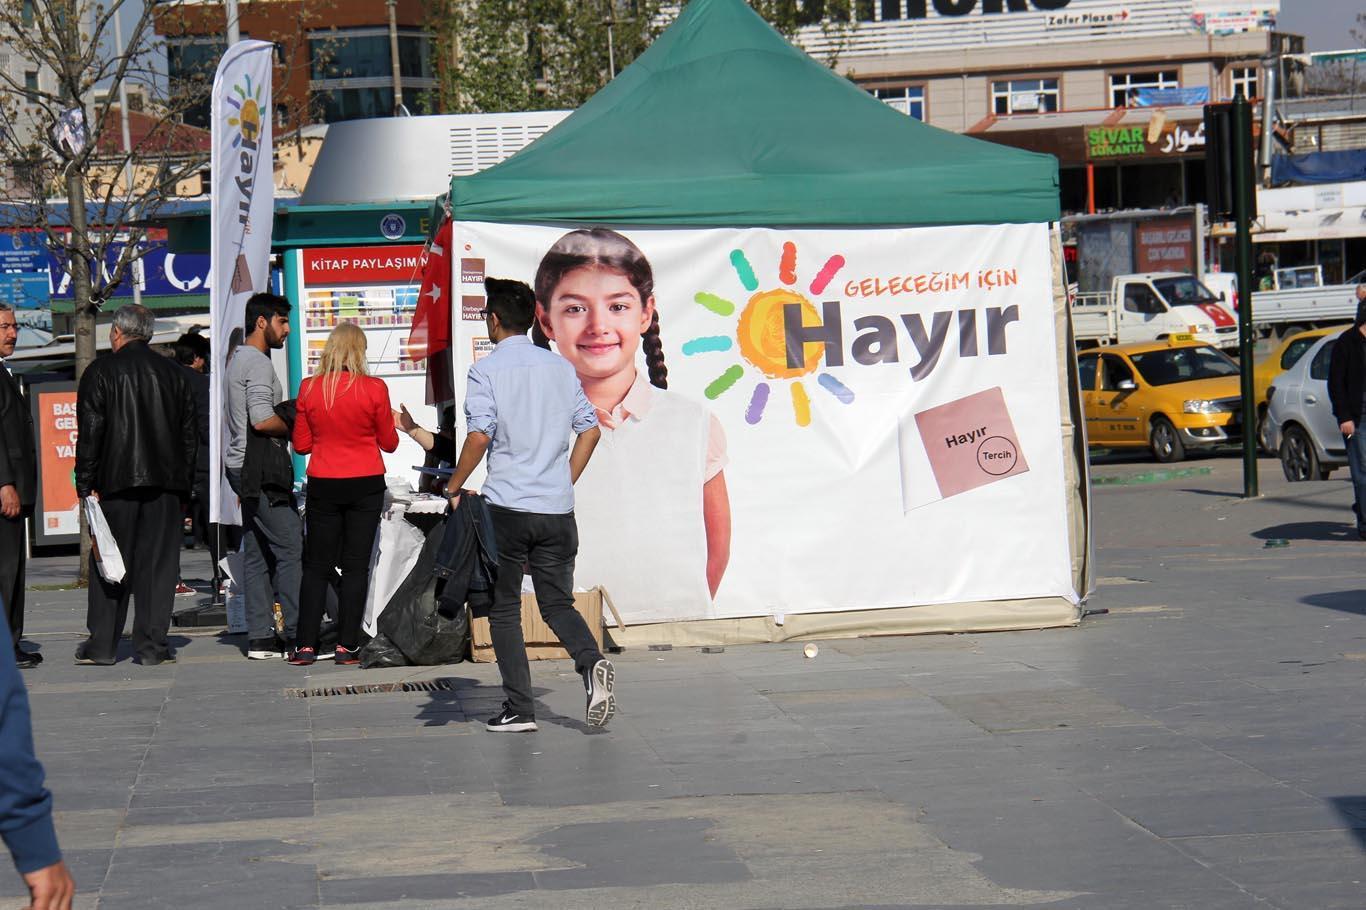 همه پرسی تغییر قانون اساسی ترکیه؛ همه چیز برای یک نفر!